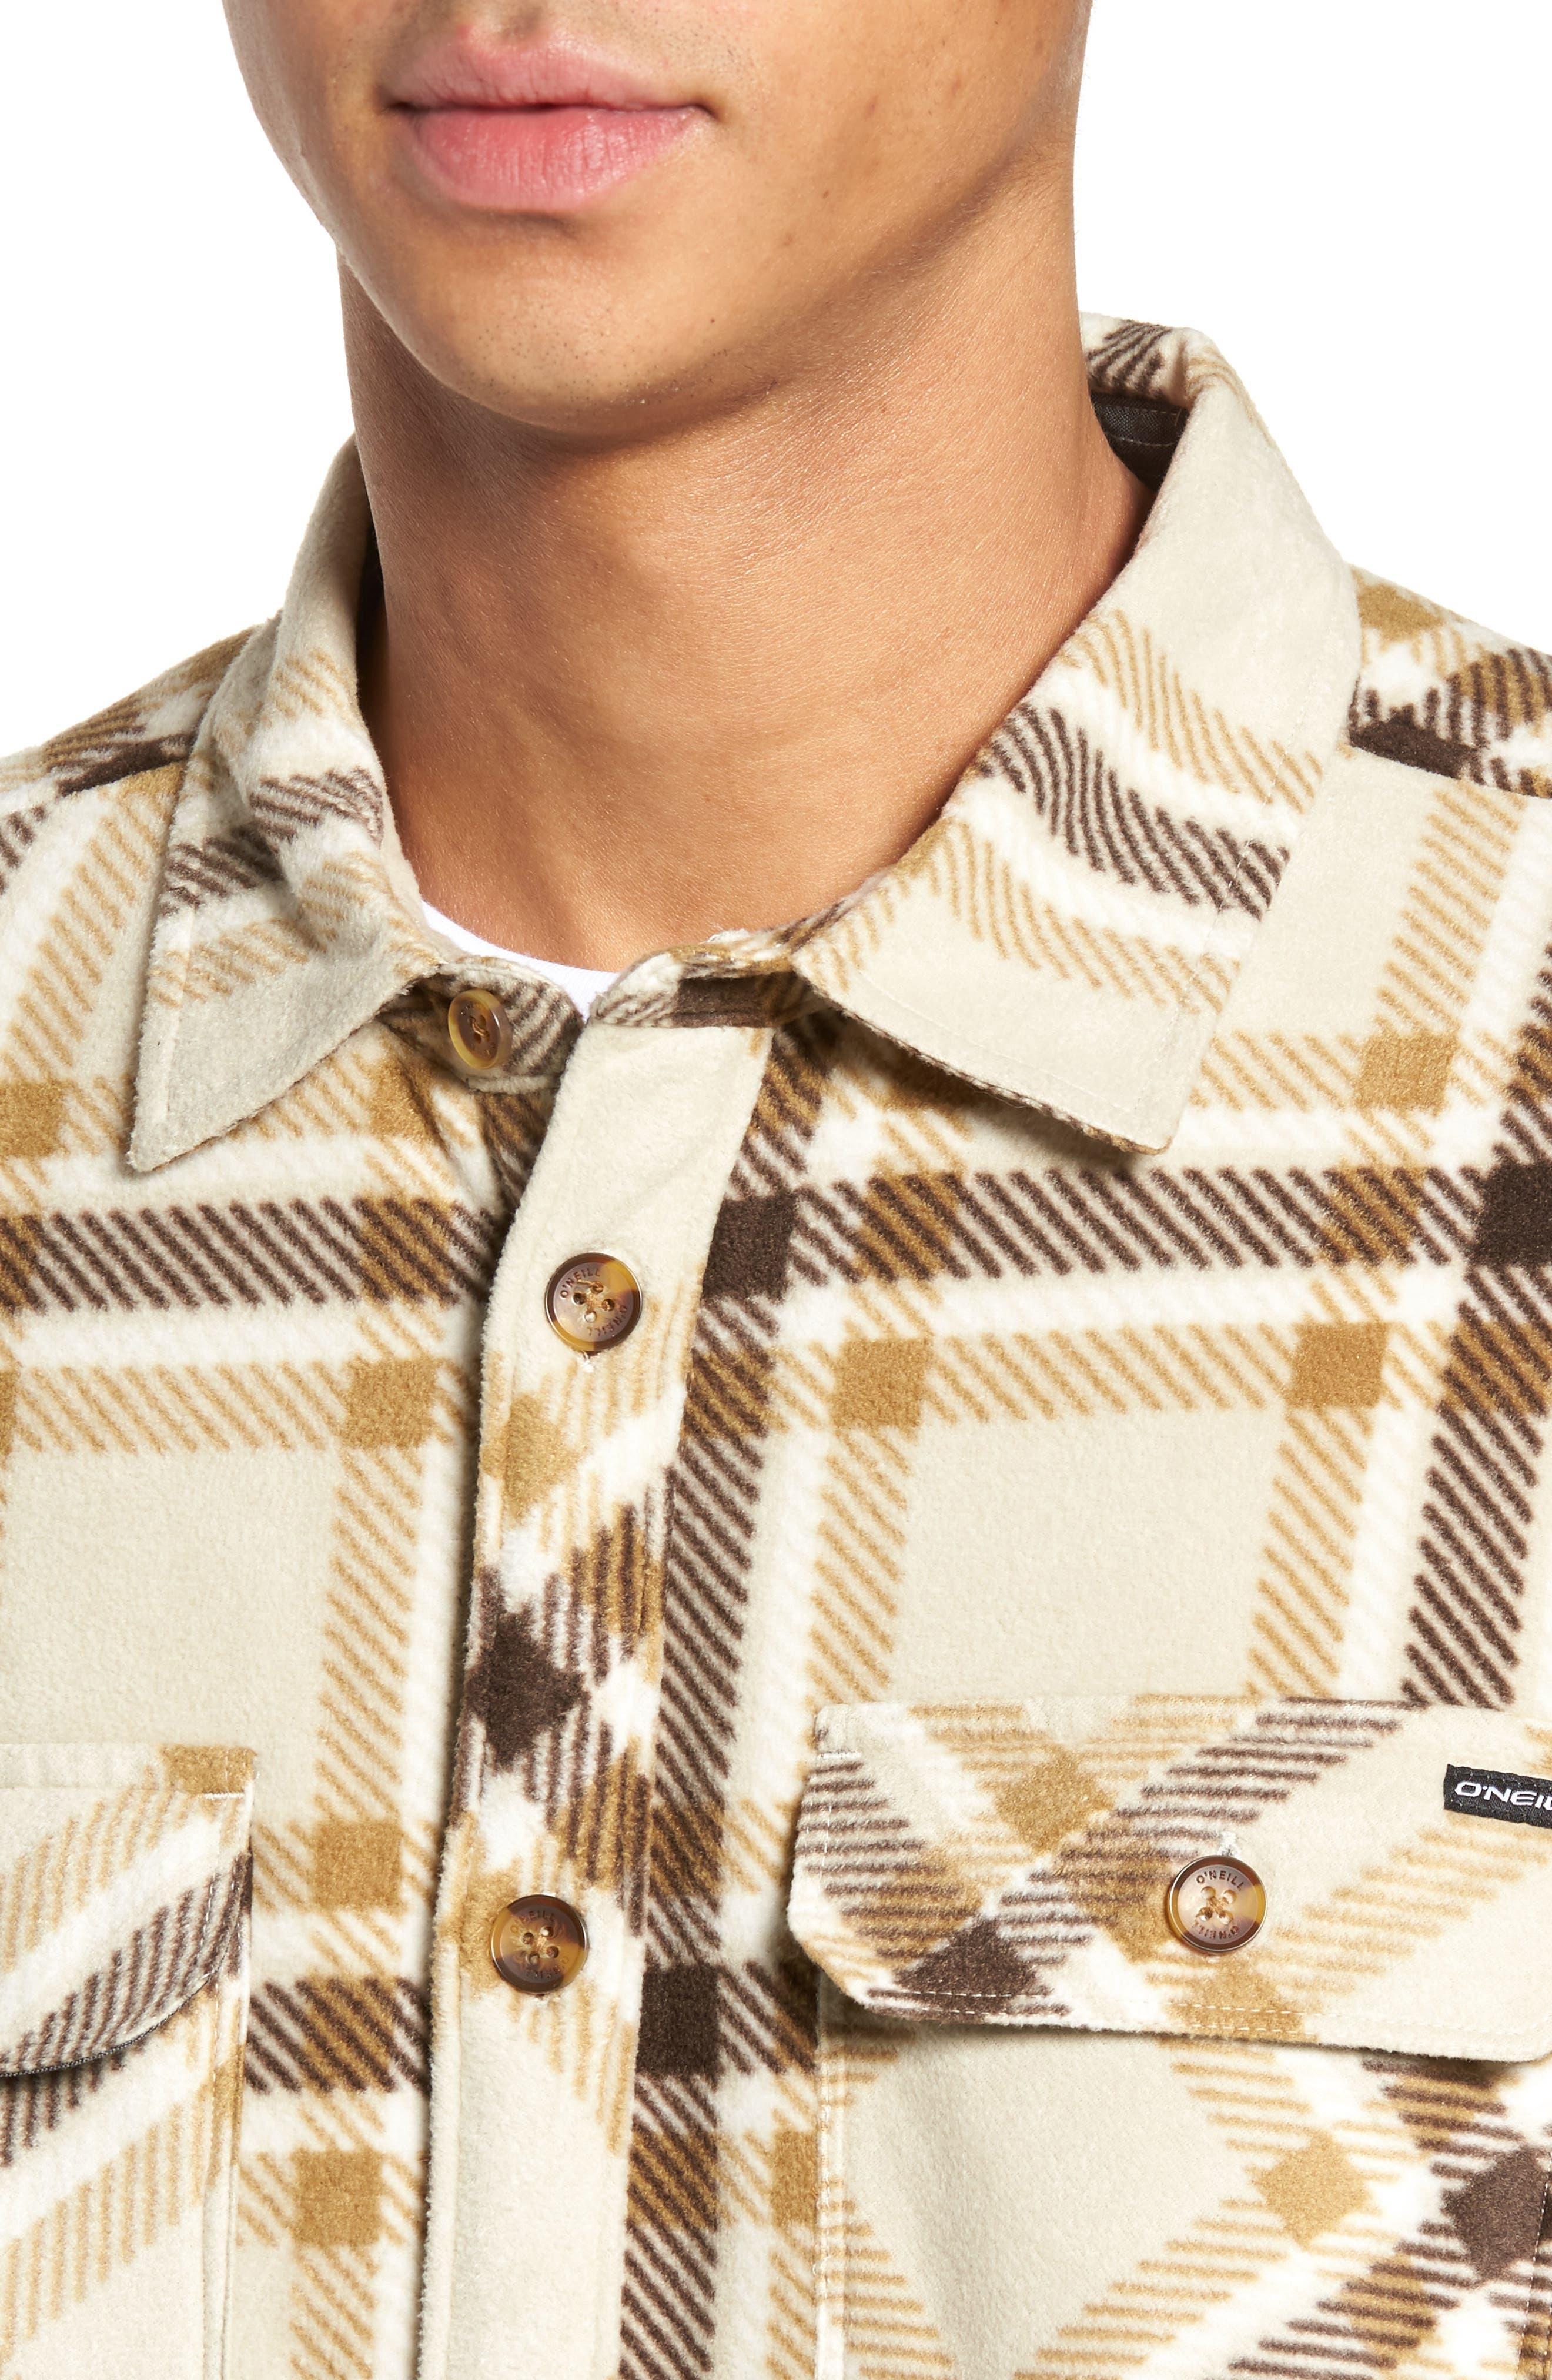 Glacier Heat Dome Plaid Fleece Shirt,                             Alternate thumbnail 4, color,                             250